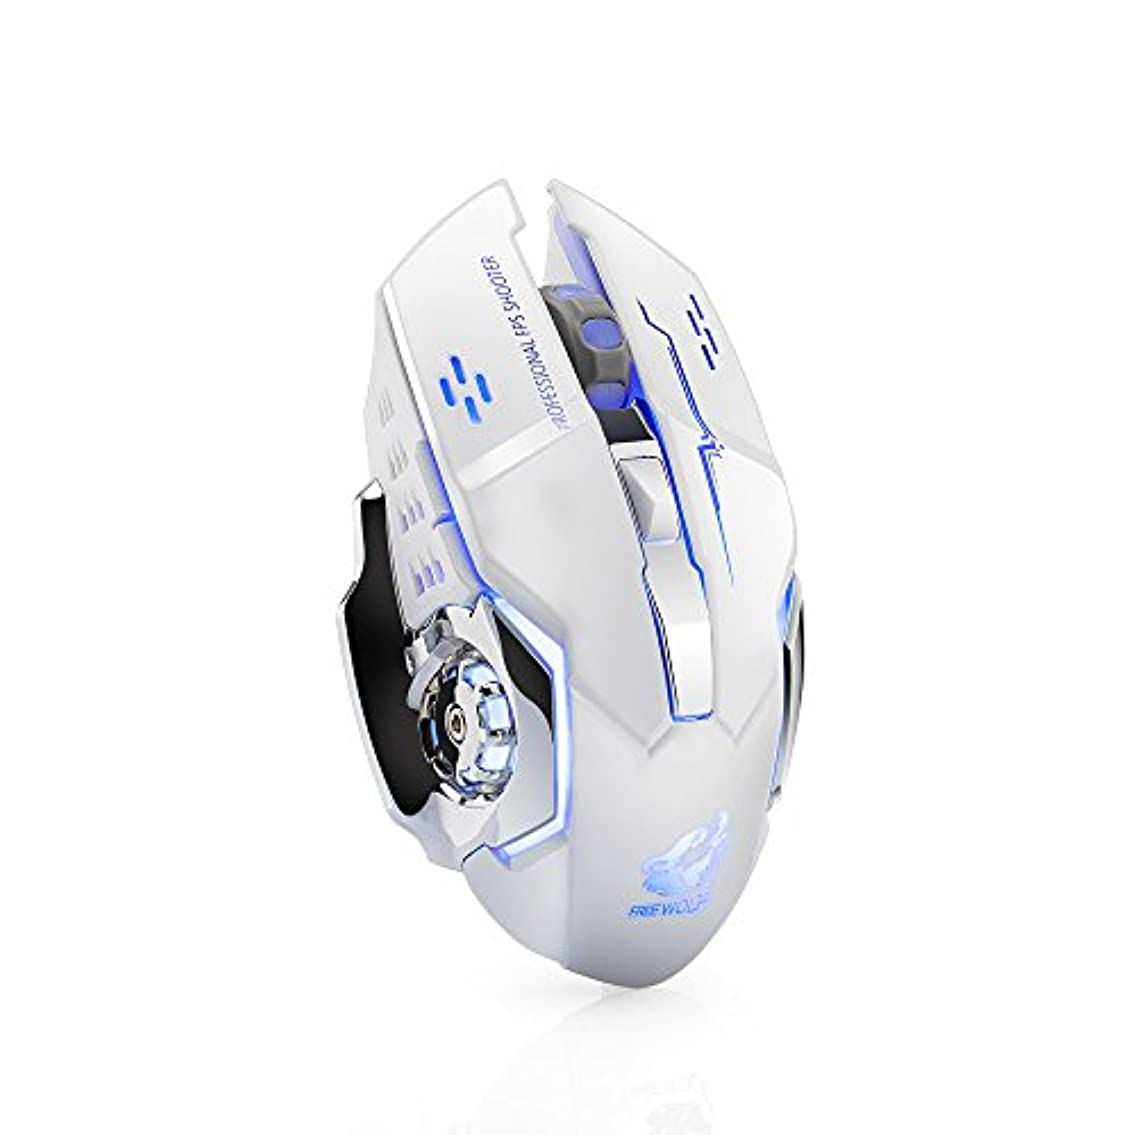 人物ポンプ降雨POOKaa 無料WOLFフリーウルフX8ワイヤレスマウス充電式ミュートデスクトップコンピュータノートブックライト充電ゲームマウス,DPIスイッチのカスタマイズ:800/1200 / 1800dpi。 (ホワイト)